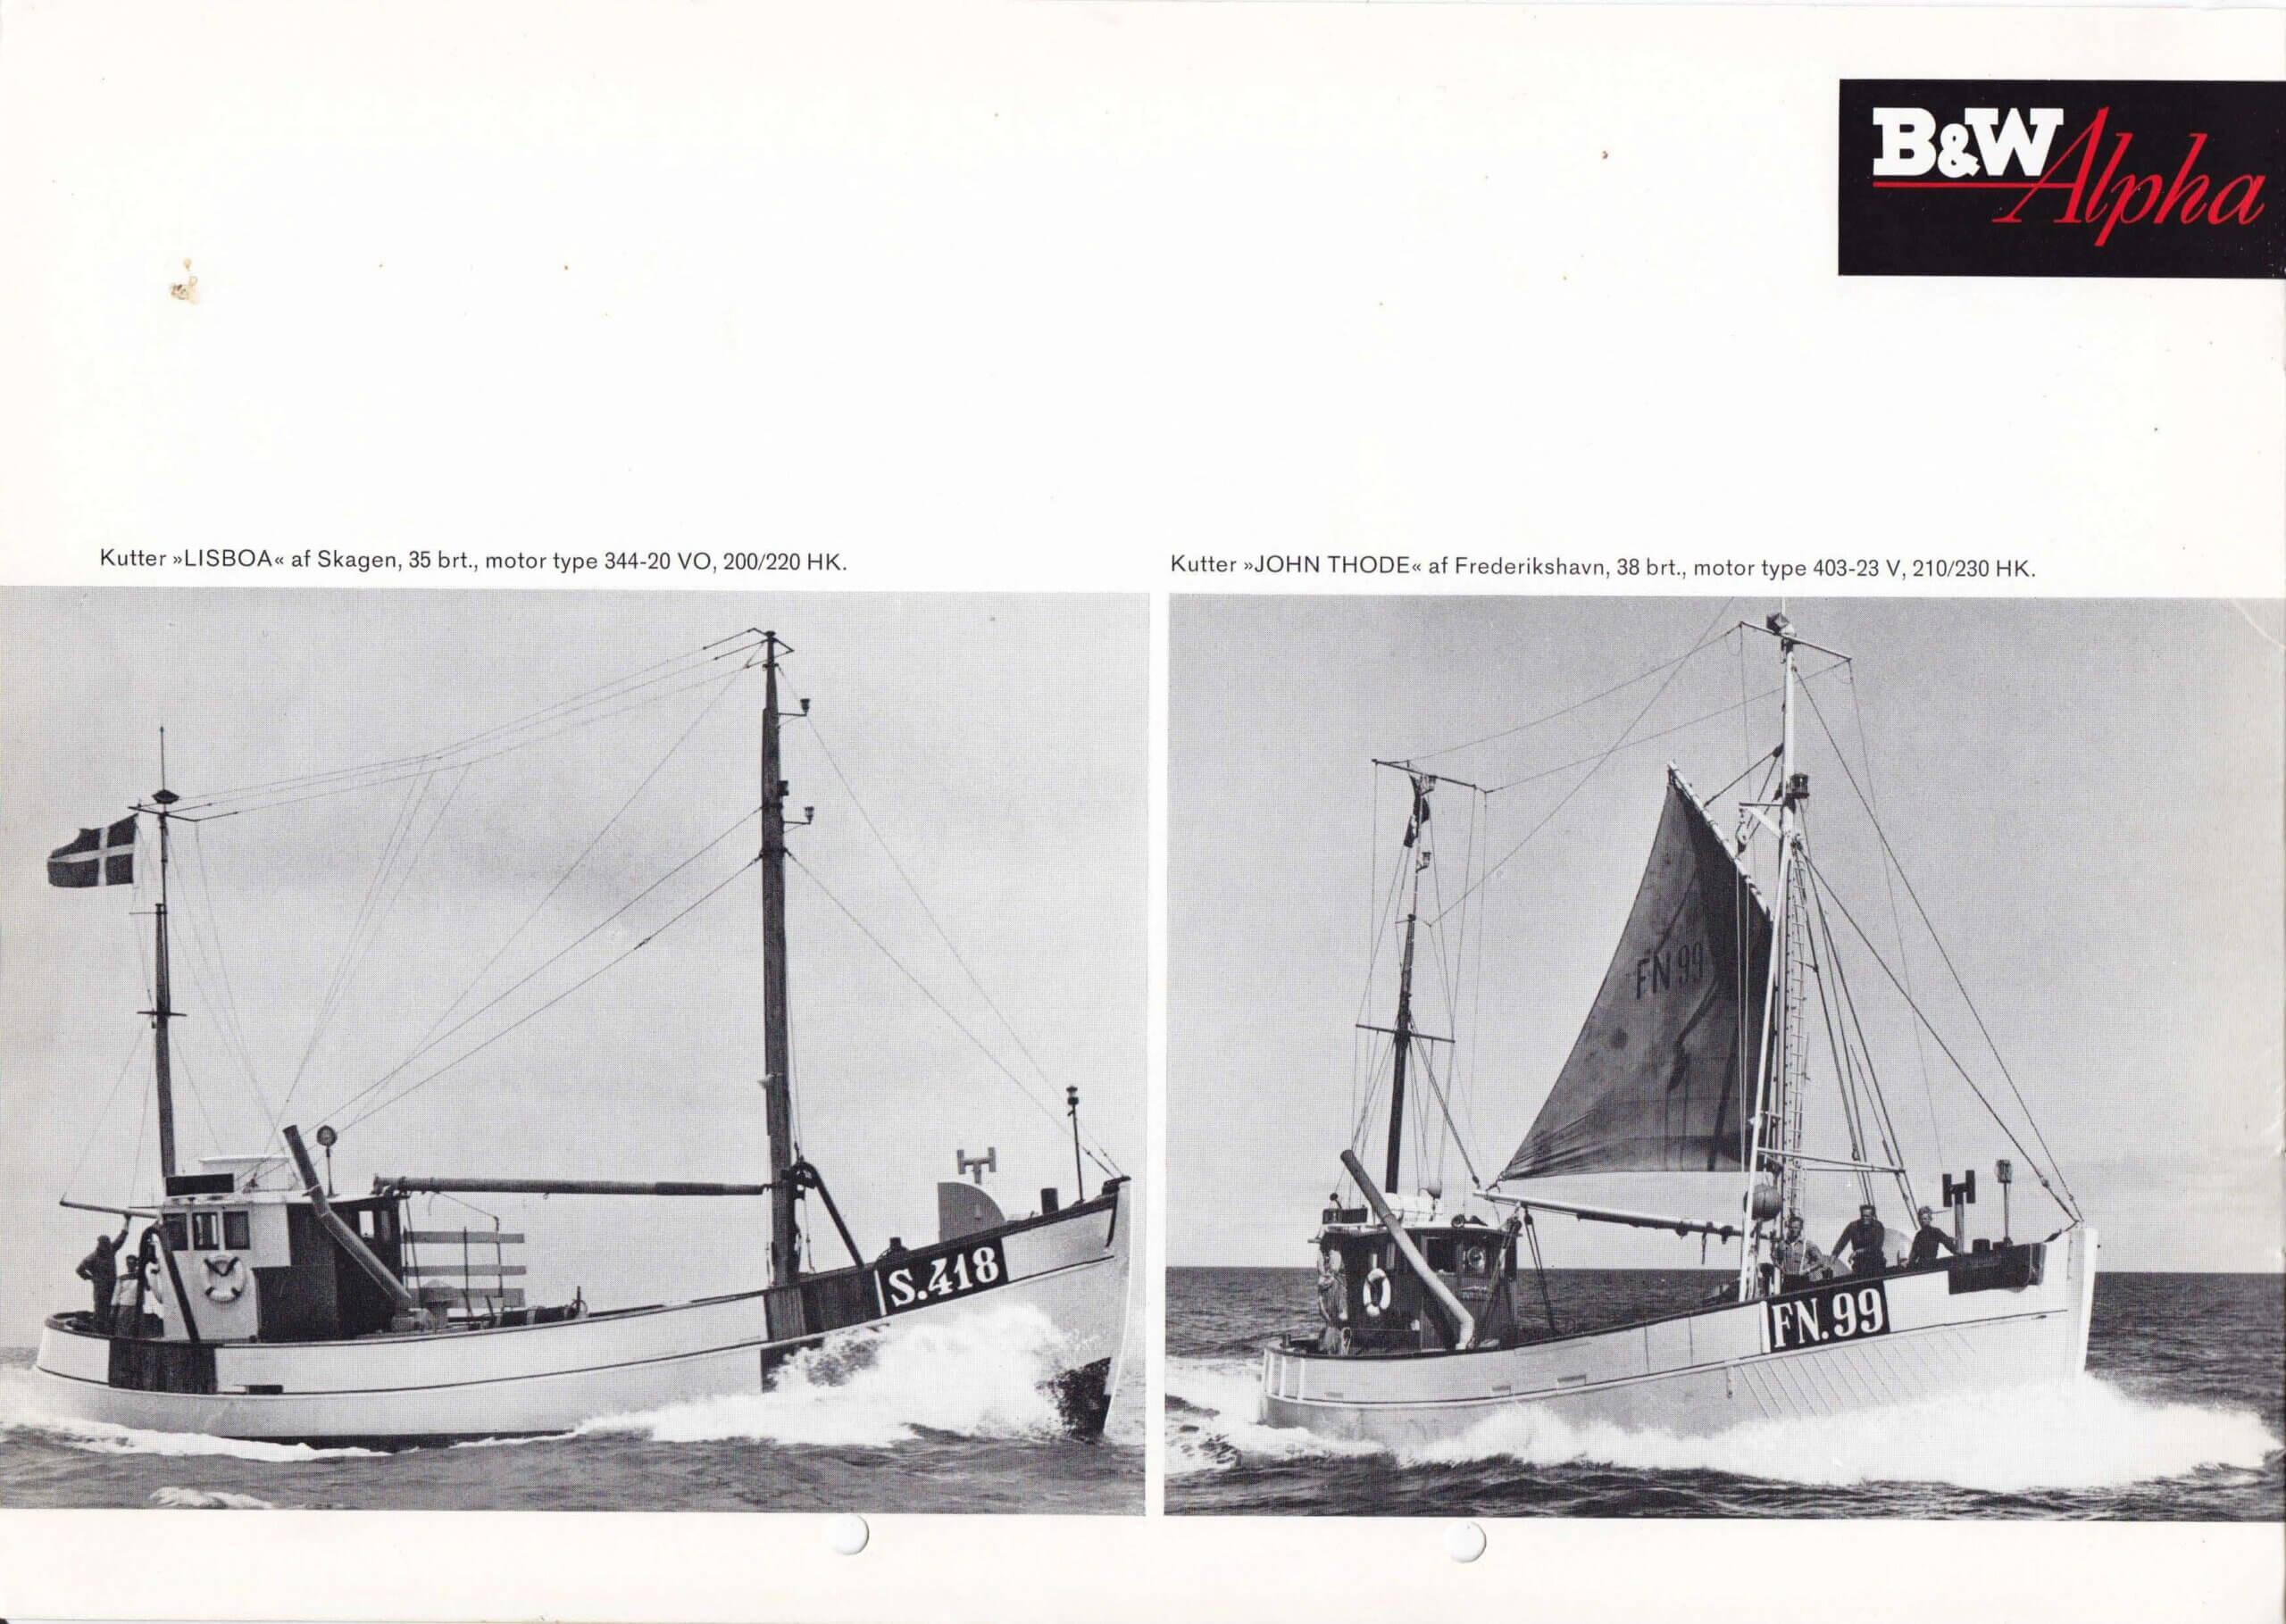 B&W Alpha-1967_Page_2